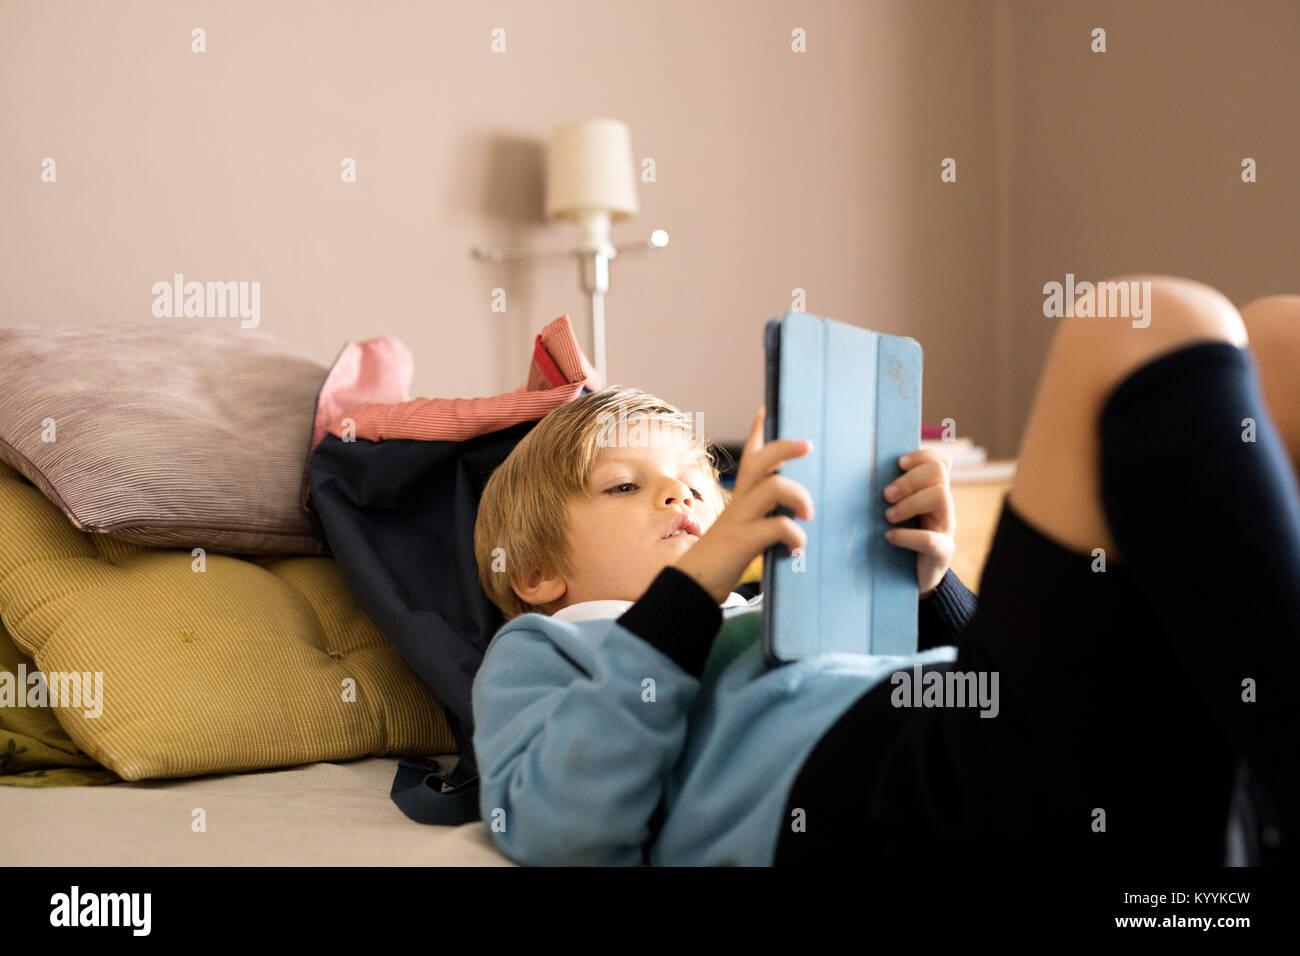 Boy utilizzando digitale compressa nella camera da letto in camera da letto Immagini Stock